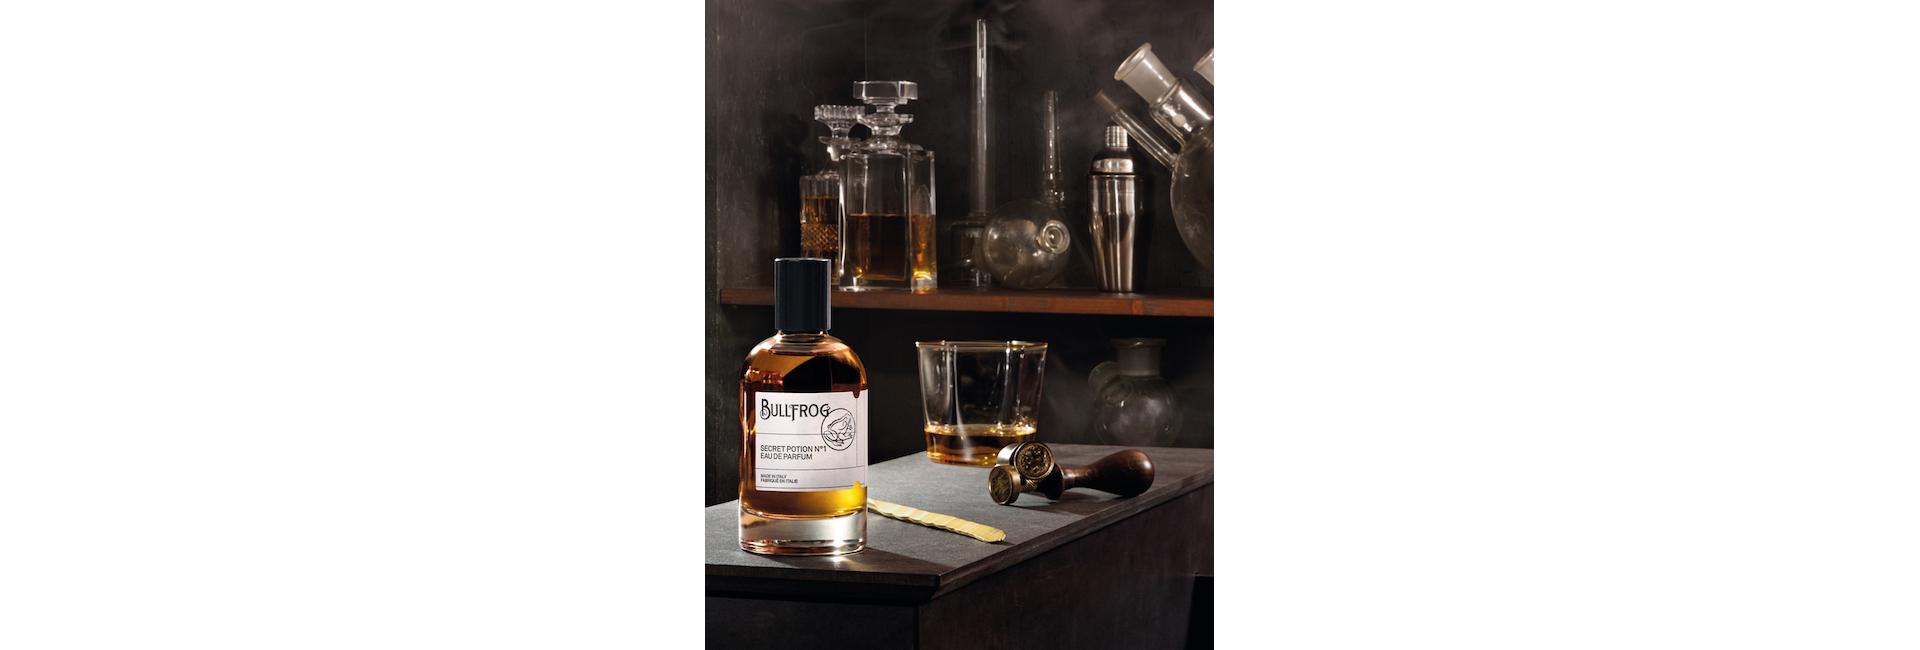 bullfrog-eau-parfum-secret-potion-blog-beaute-soin-parfum-homme